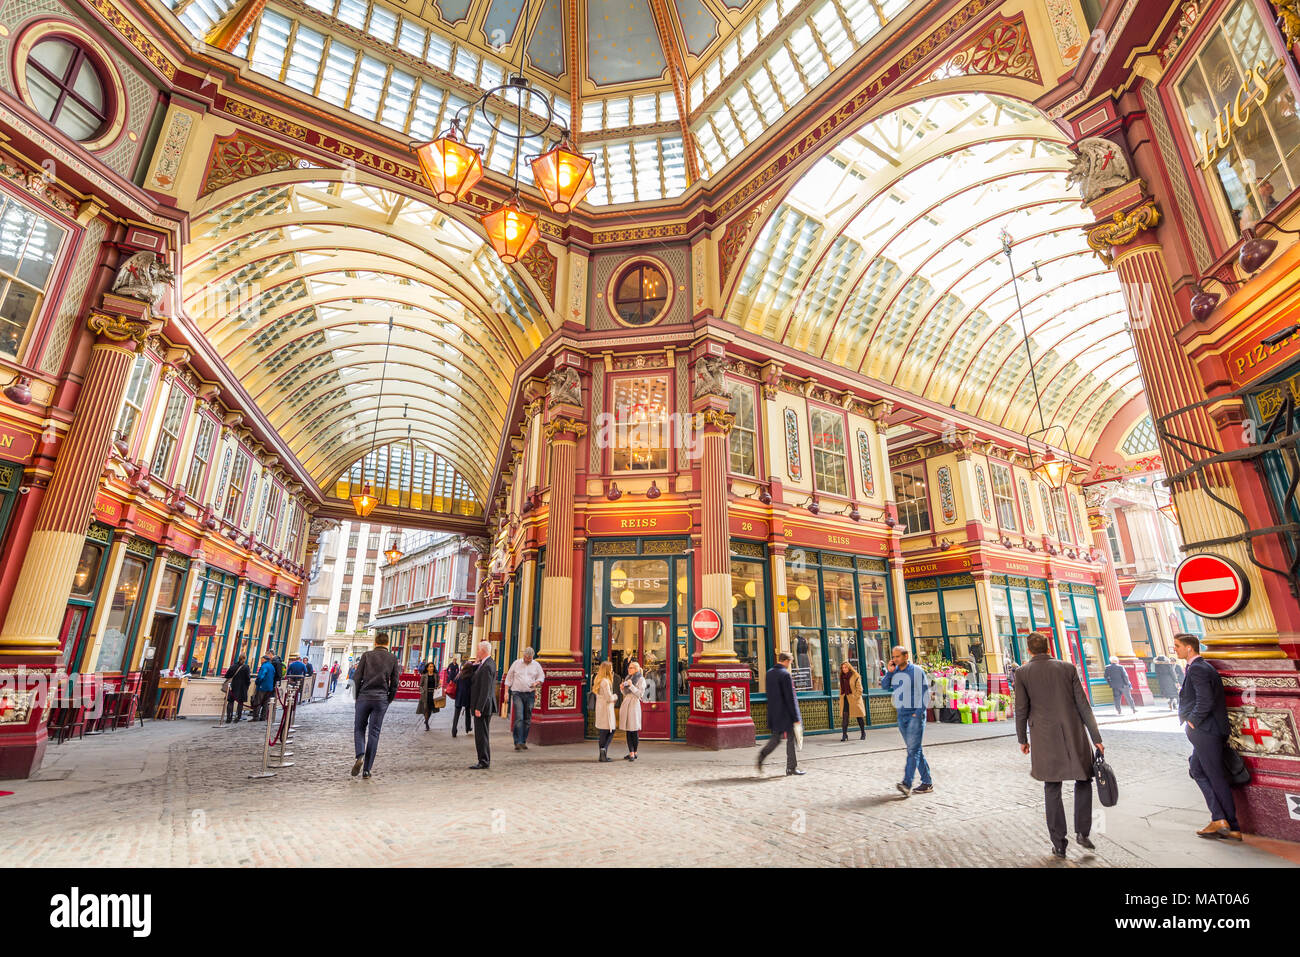 Leadenhall Market, City of London, UK Stockbild